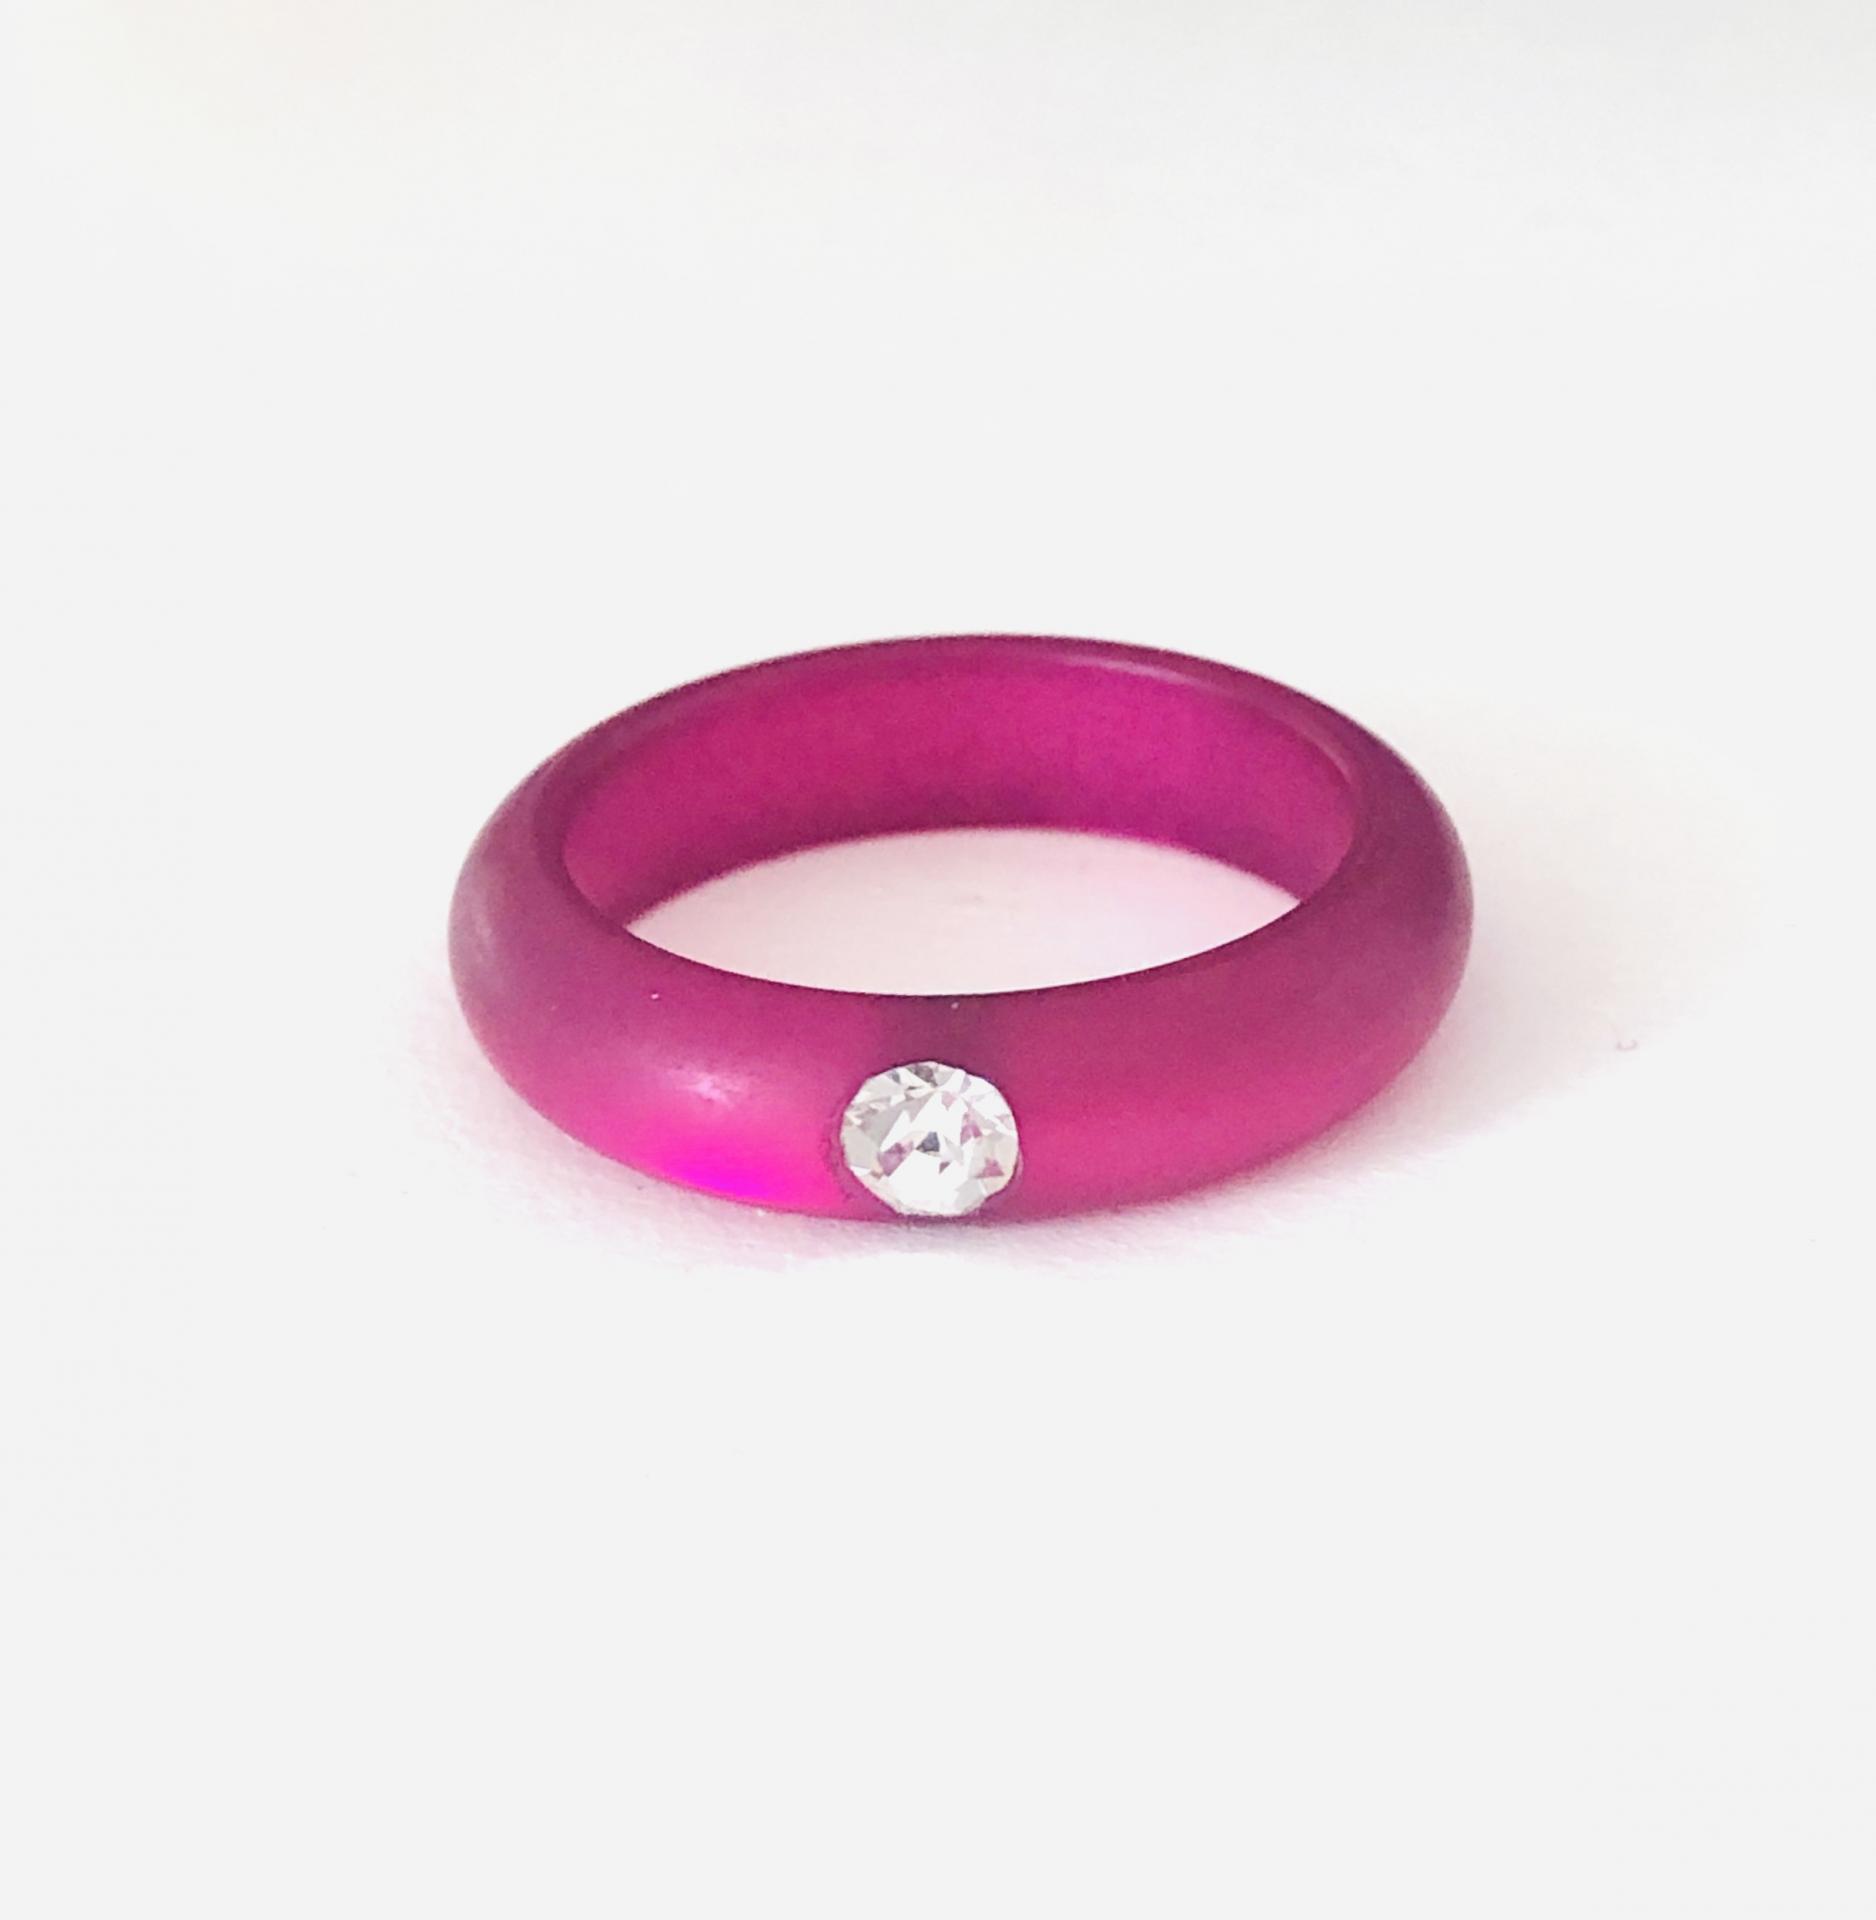 Anillo de resina rosa fucsia con circonita